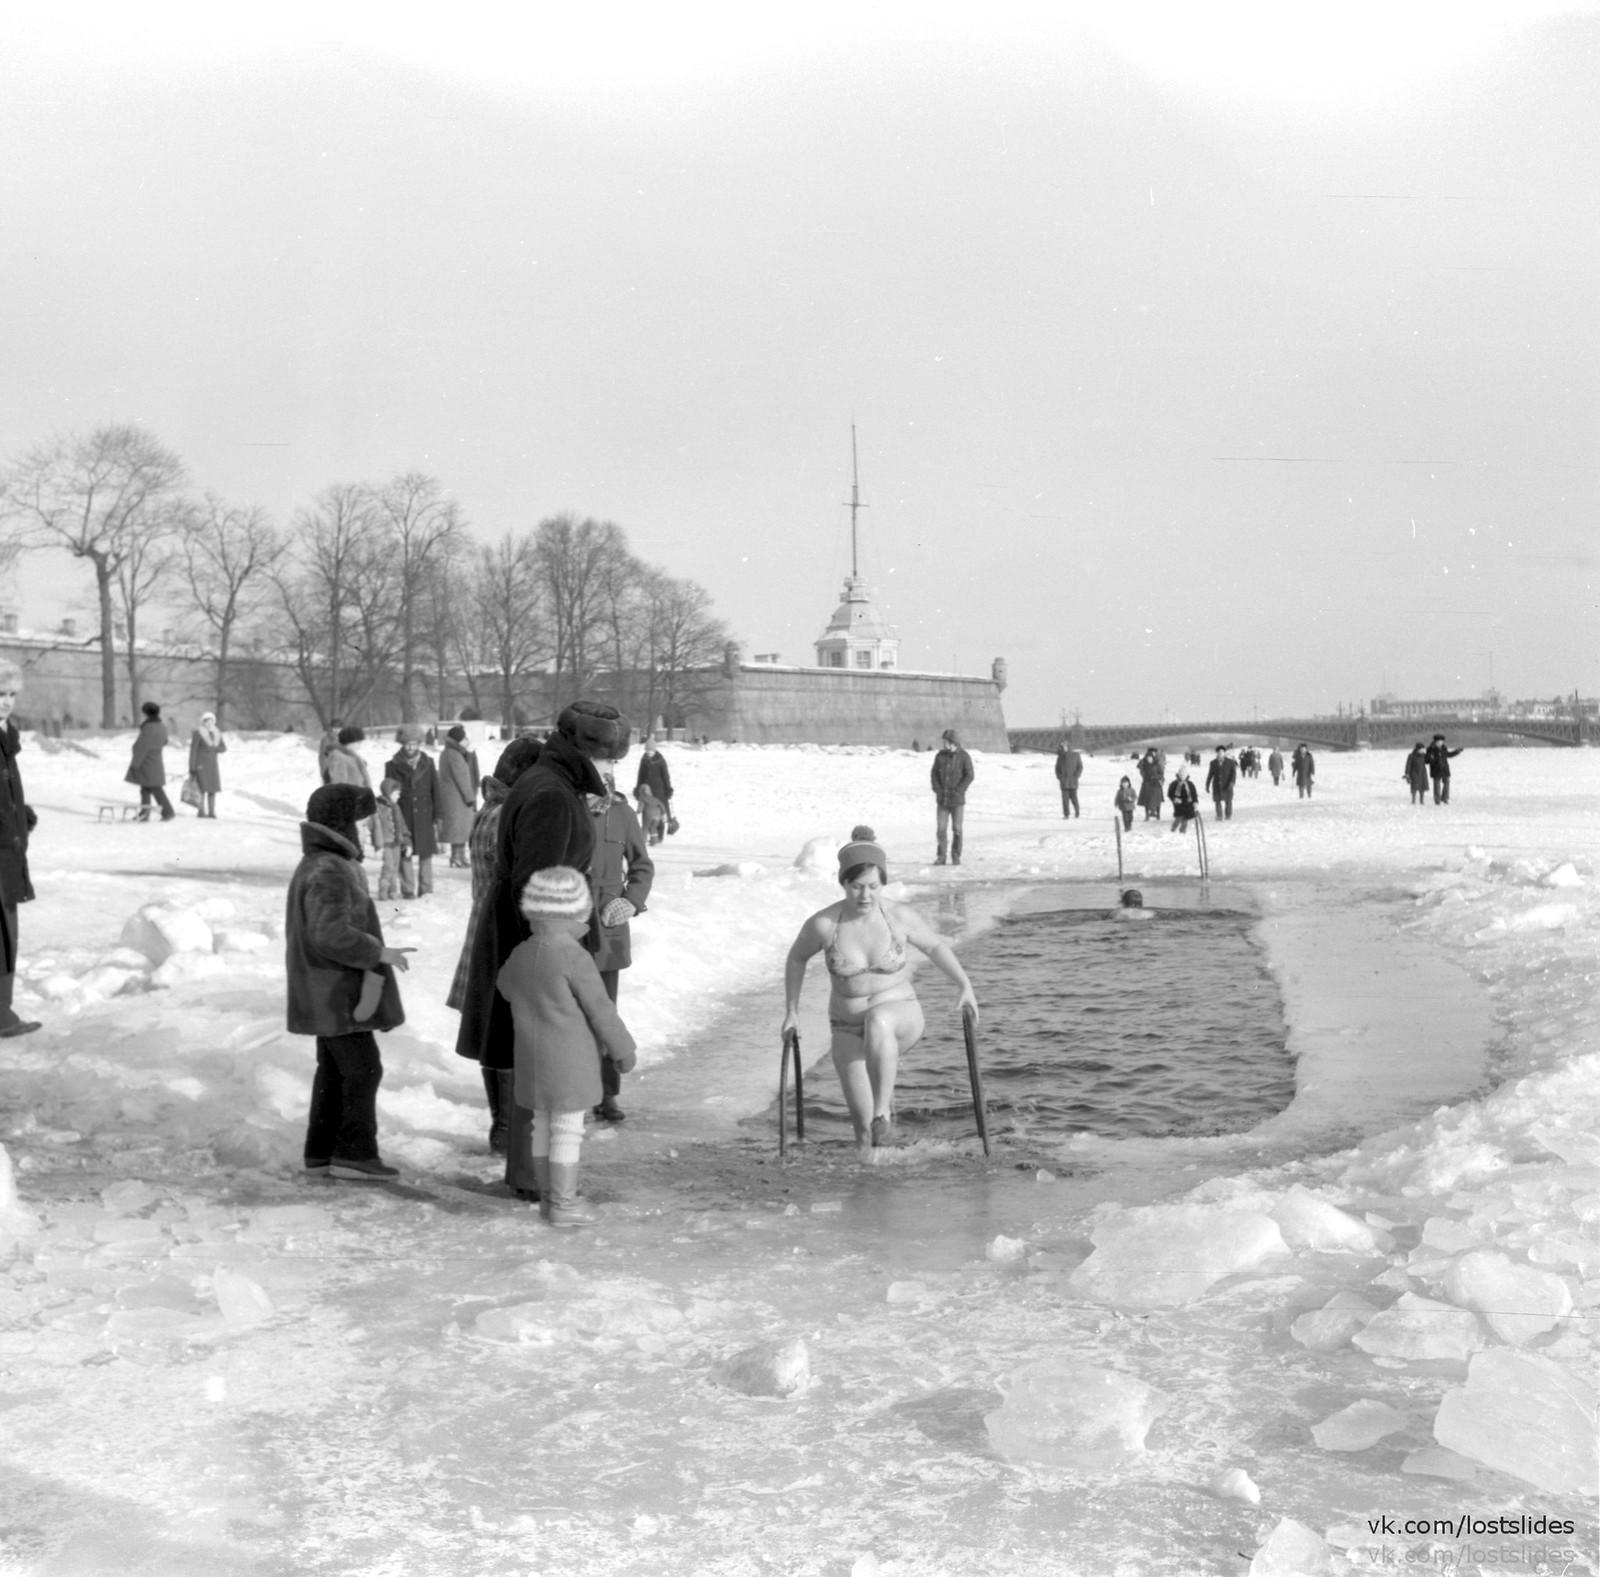 1982. Моржи у Петропавловской крепости.